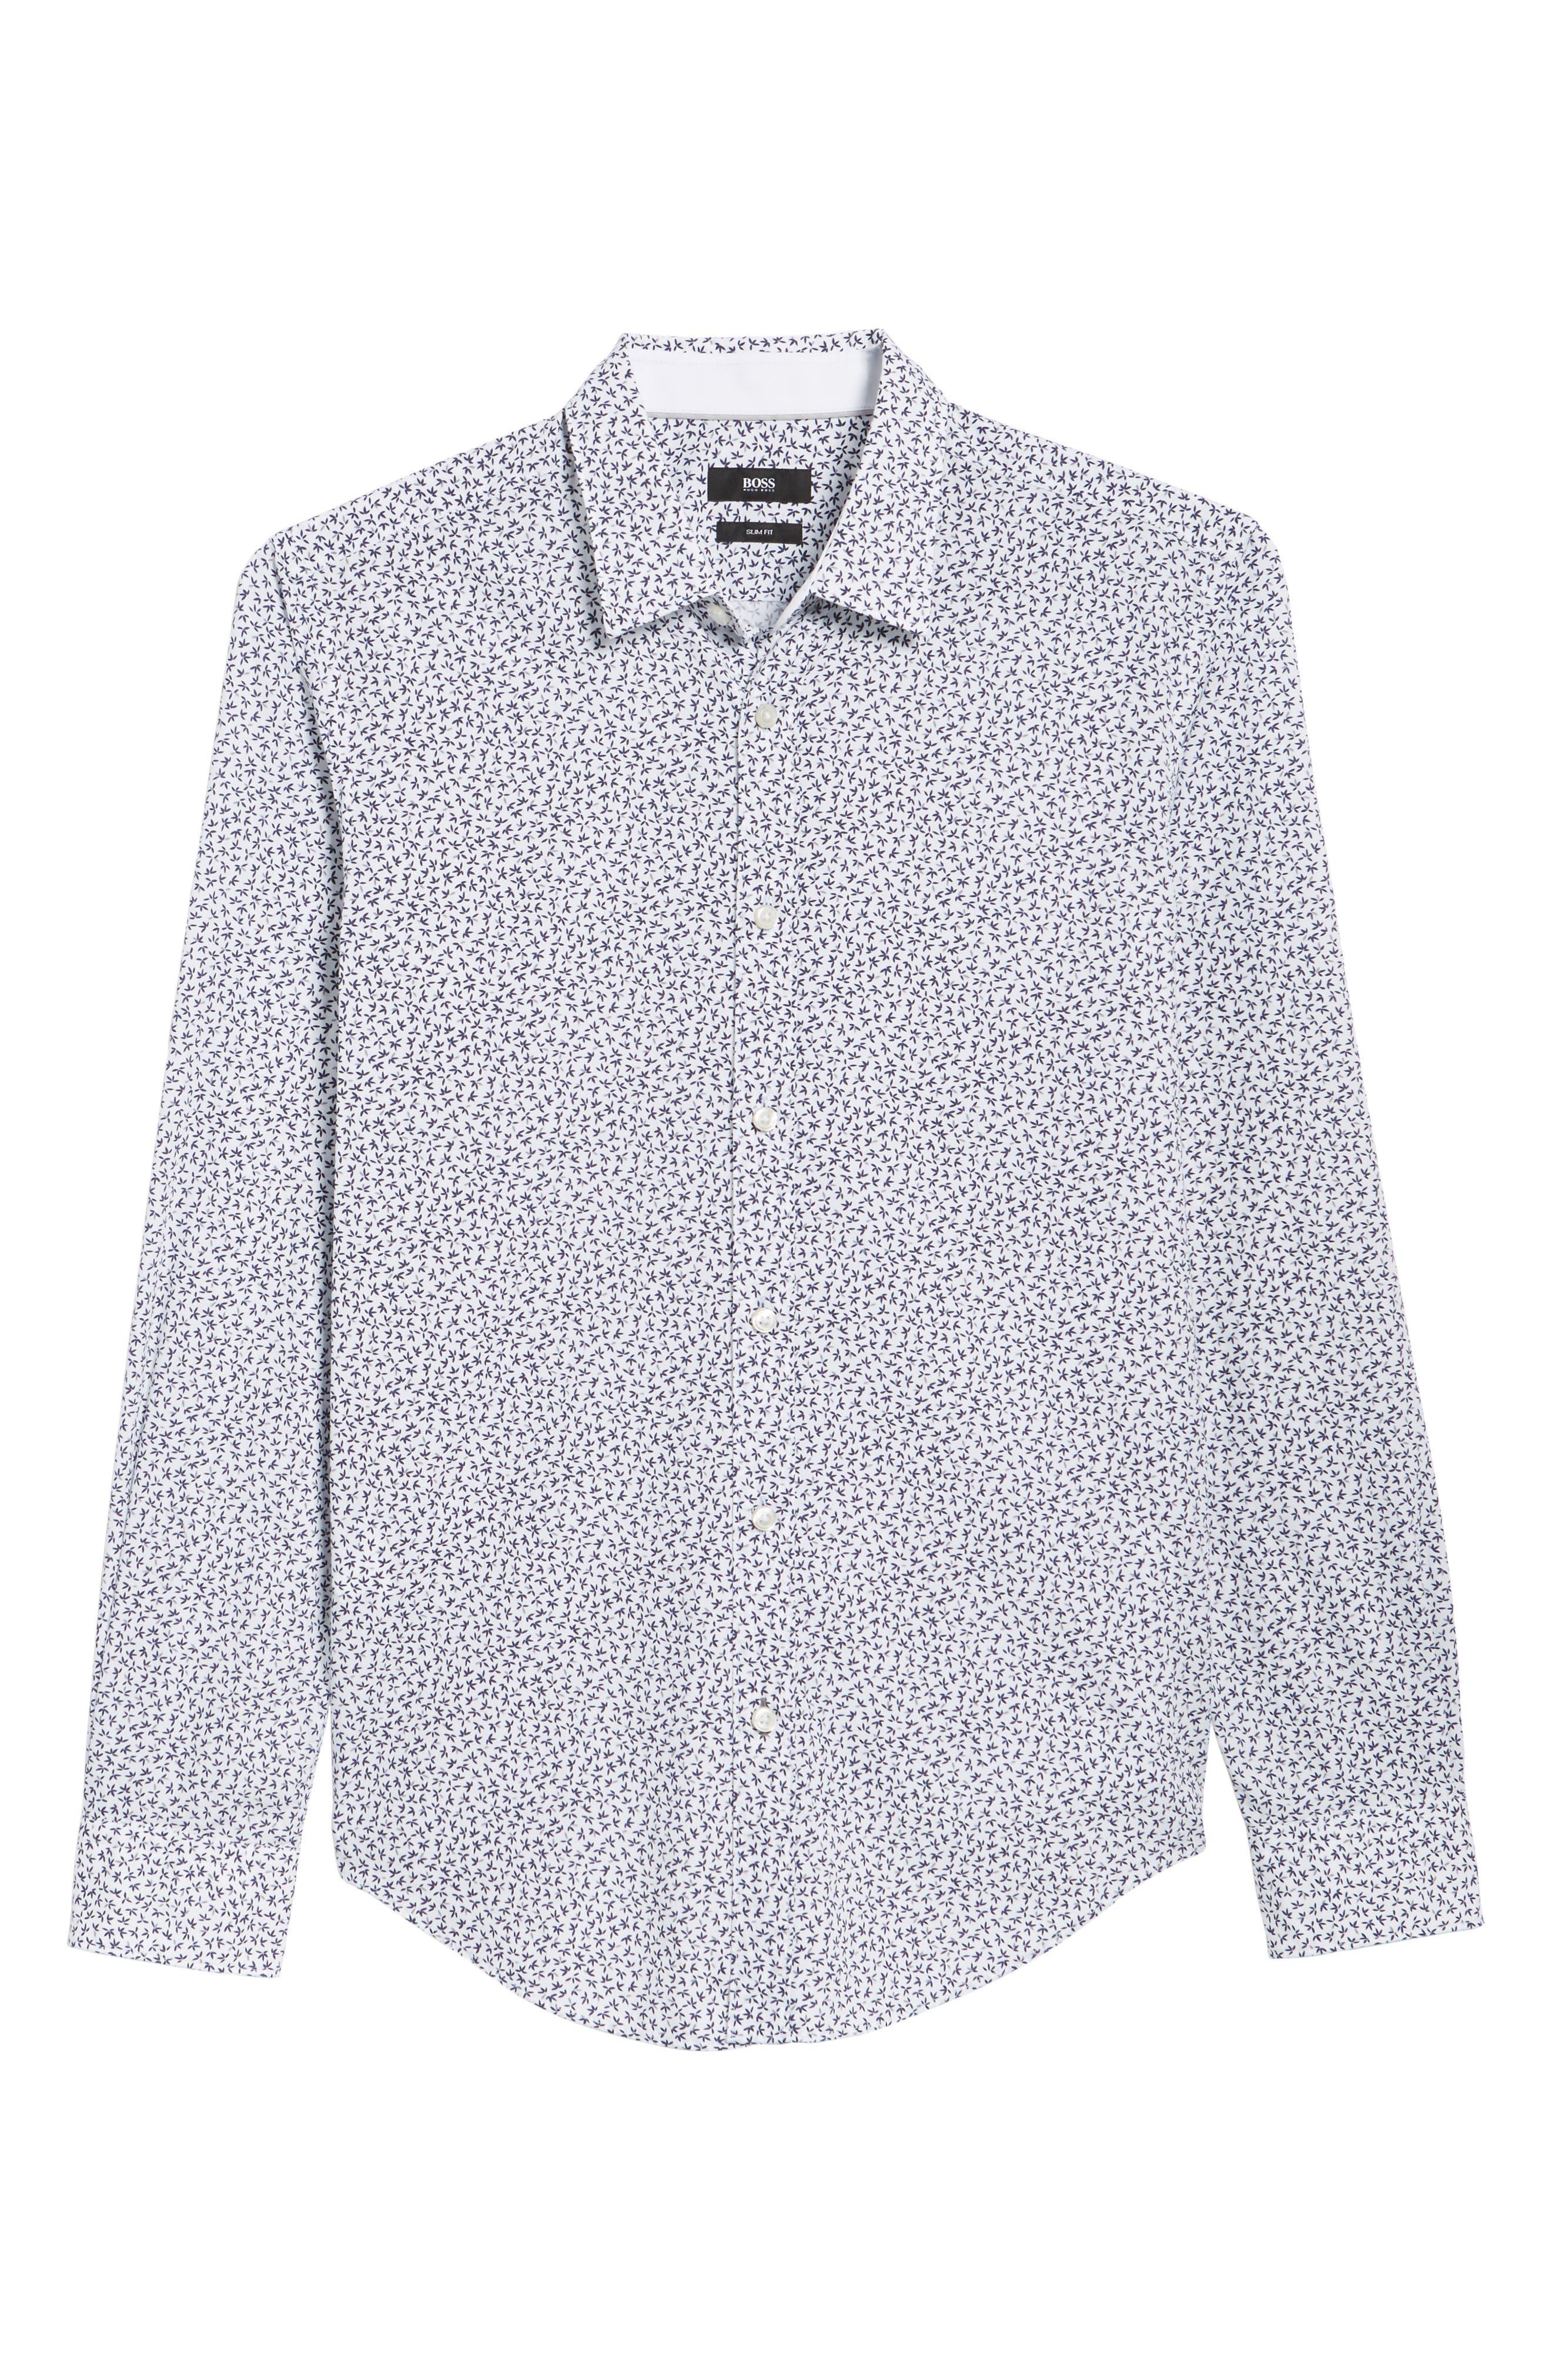 Ronni Trim Fit Floral Print Sport Shirt,                             Alternate thumbnail 6, color,                             Blue